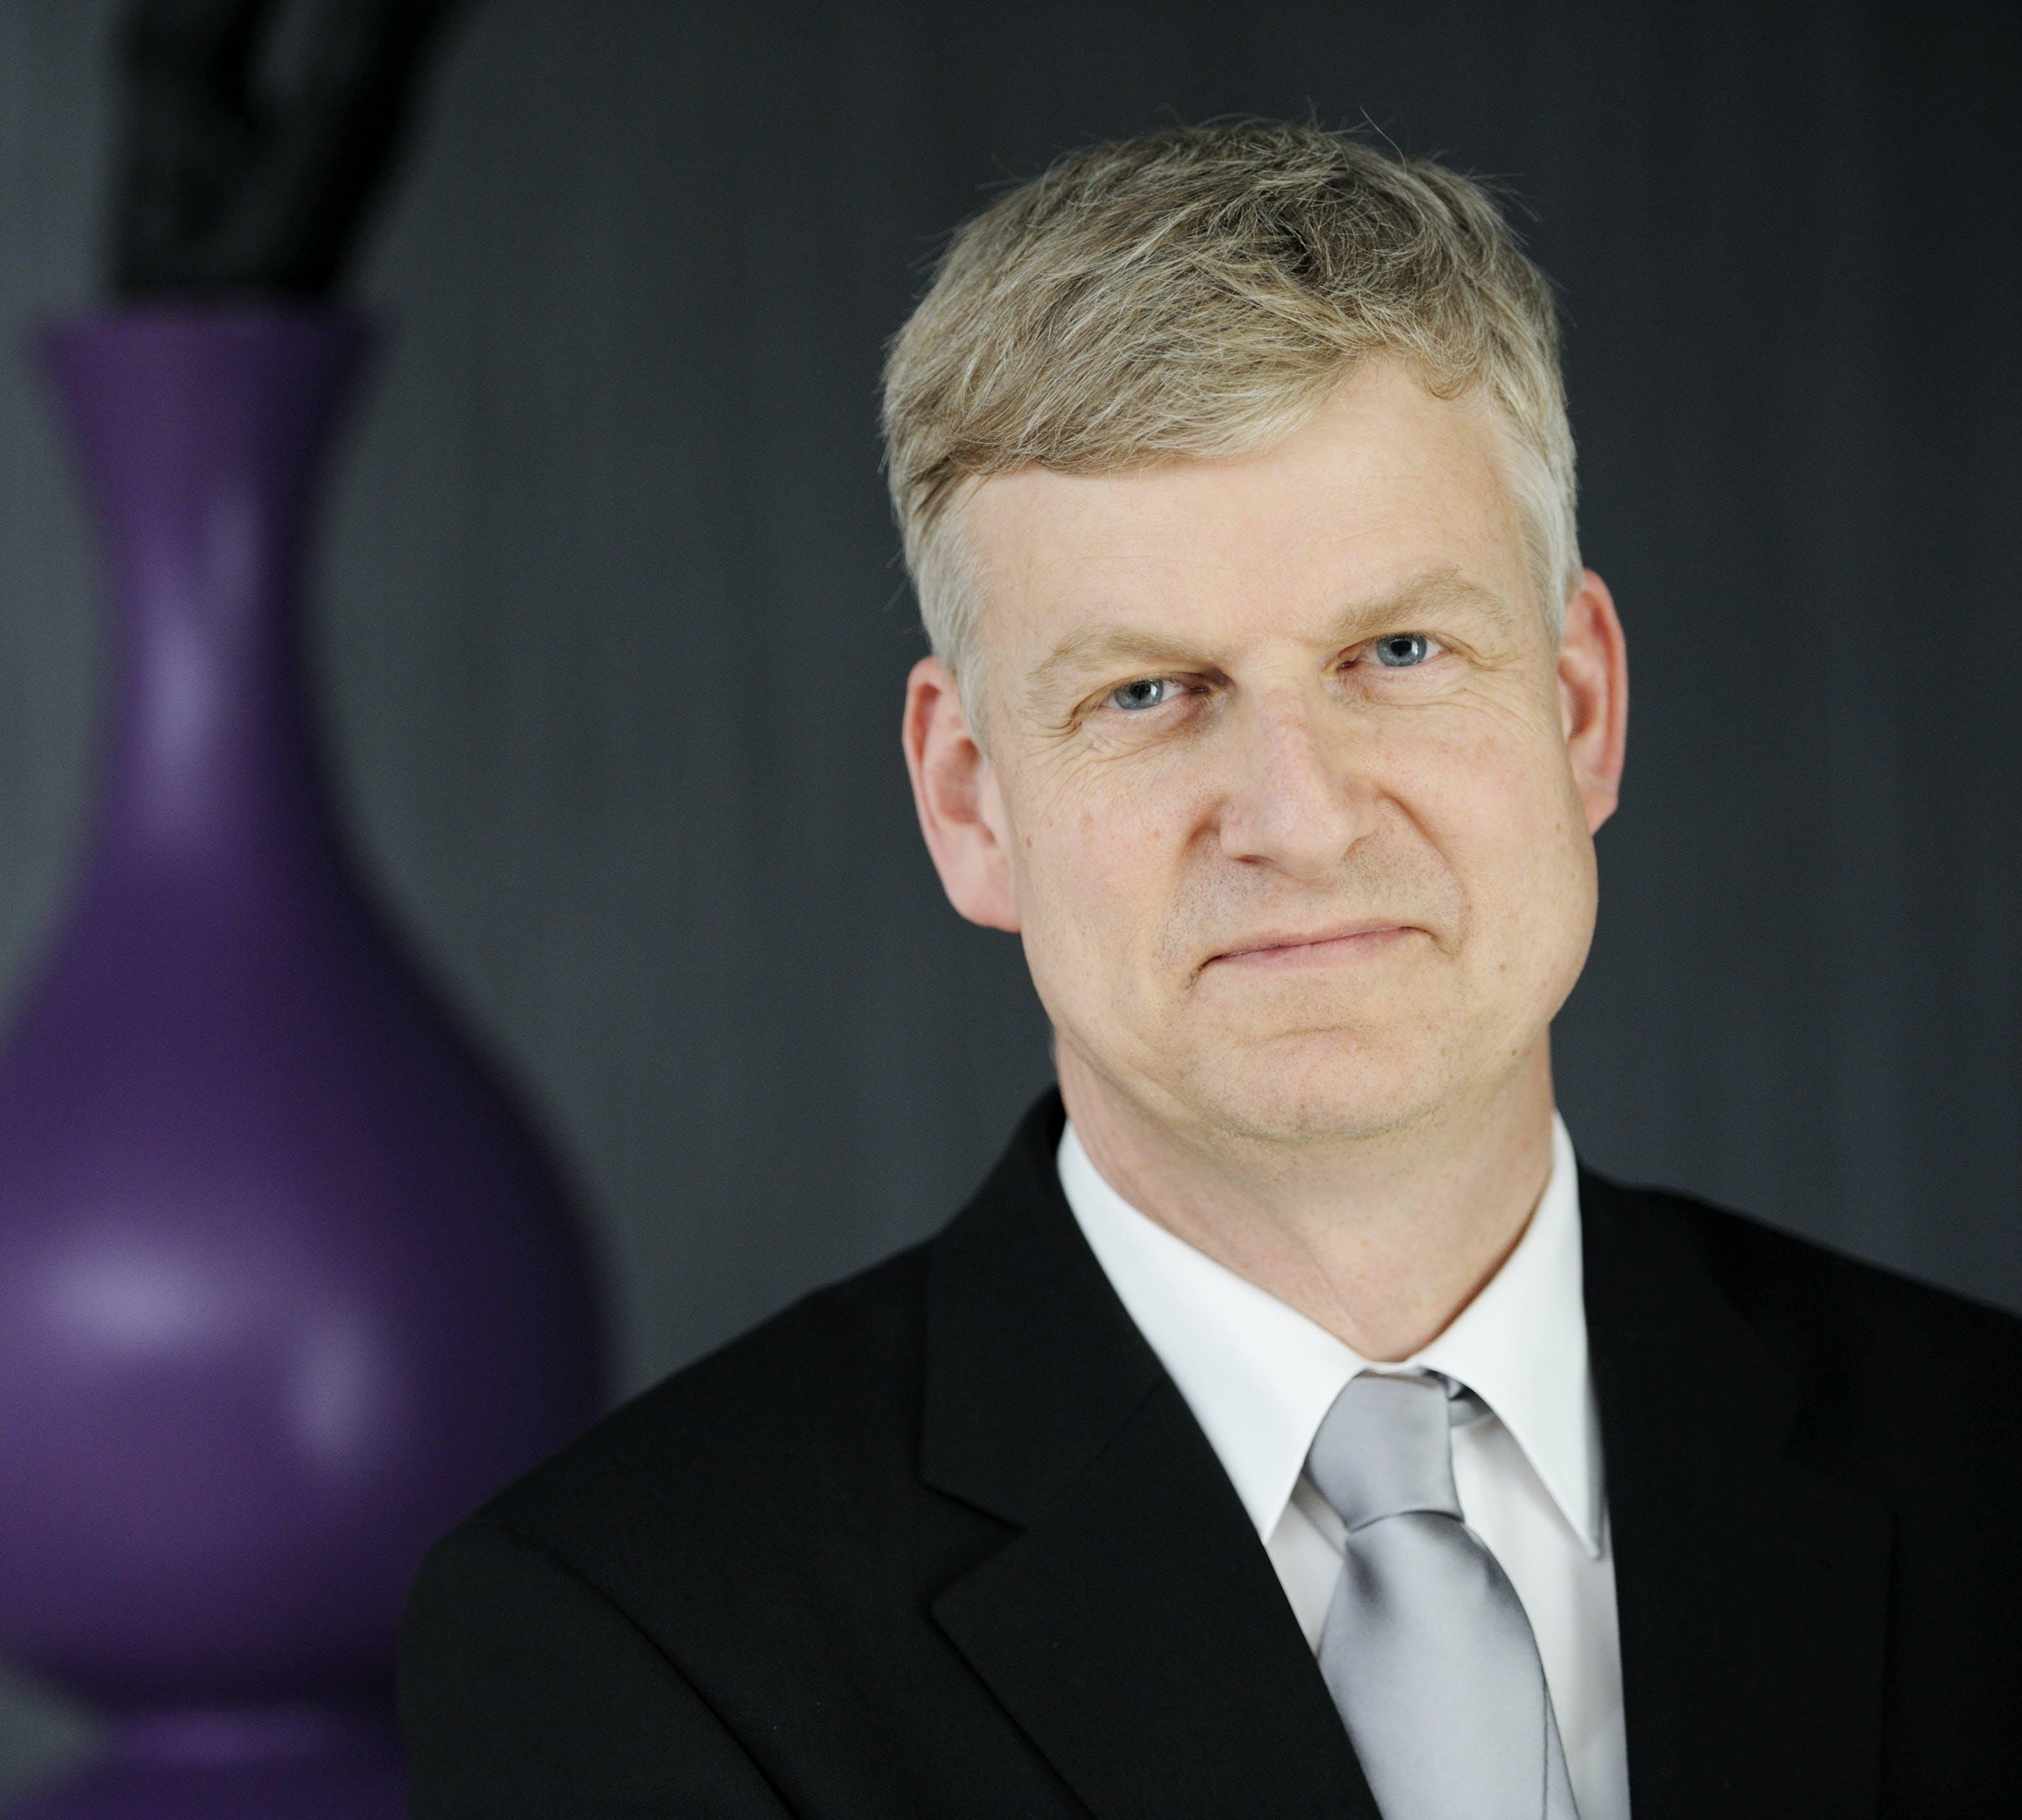 Wil van der Aalst